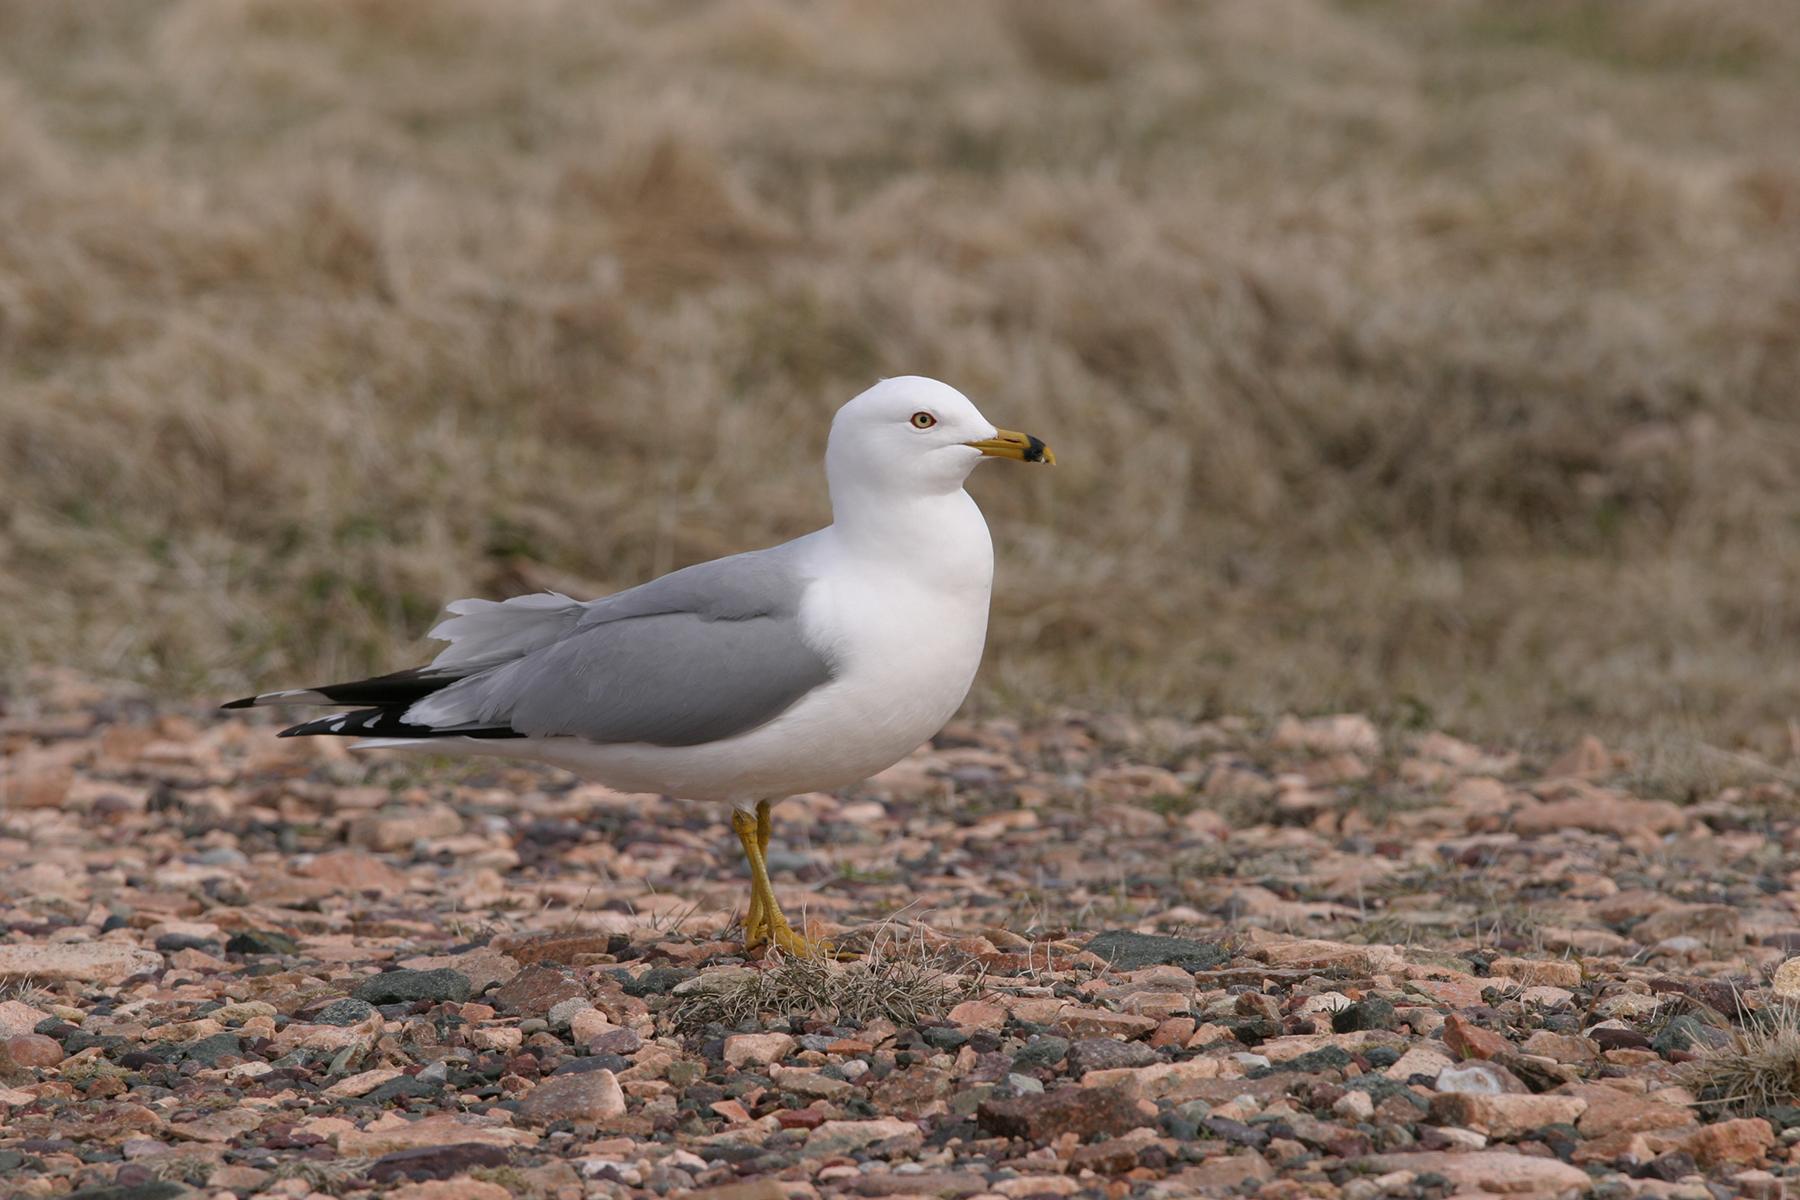 Goéland à bec cerclé. Crédits : Saint-Pierre-et-Miquelon